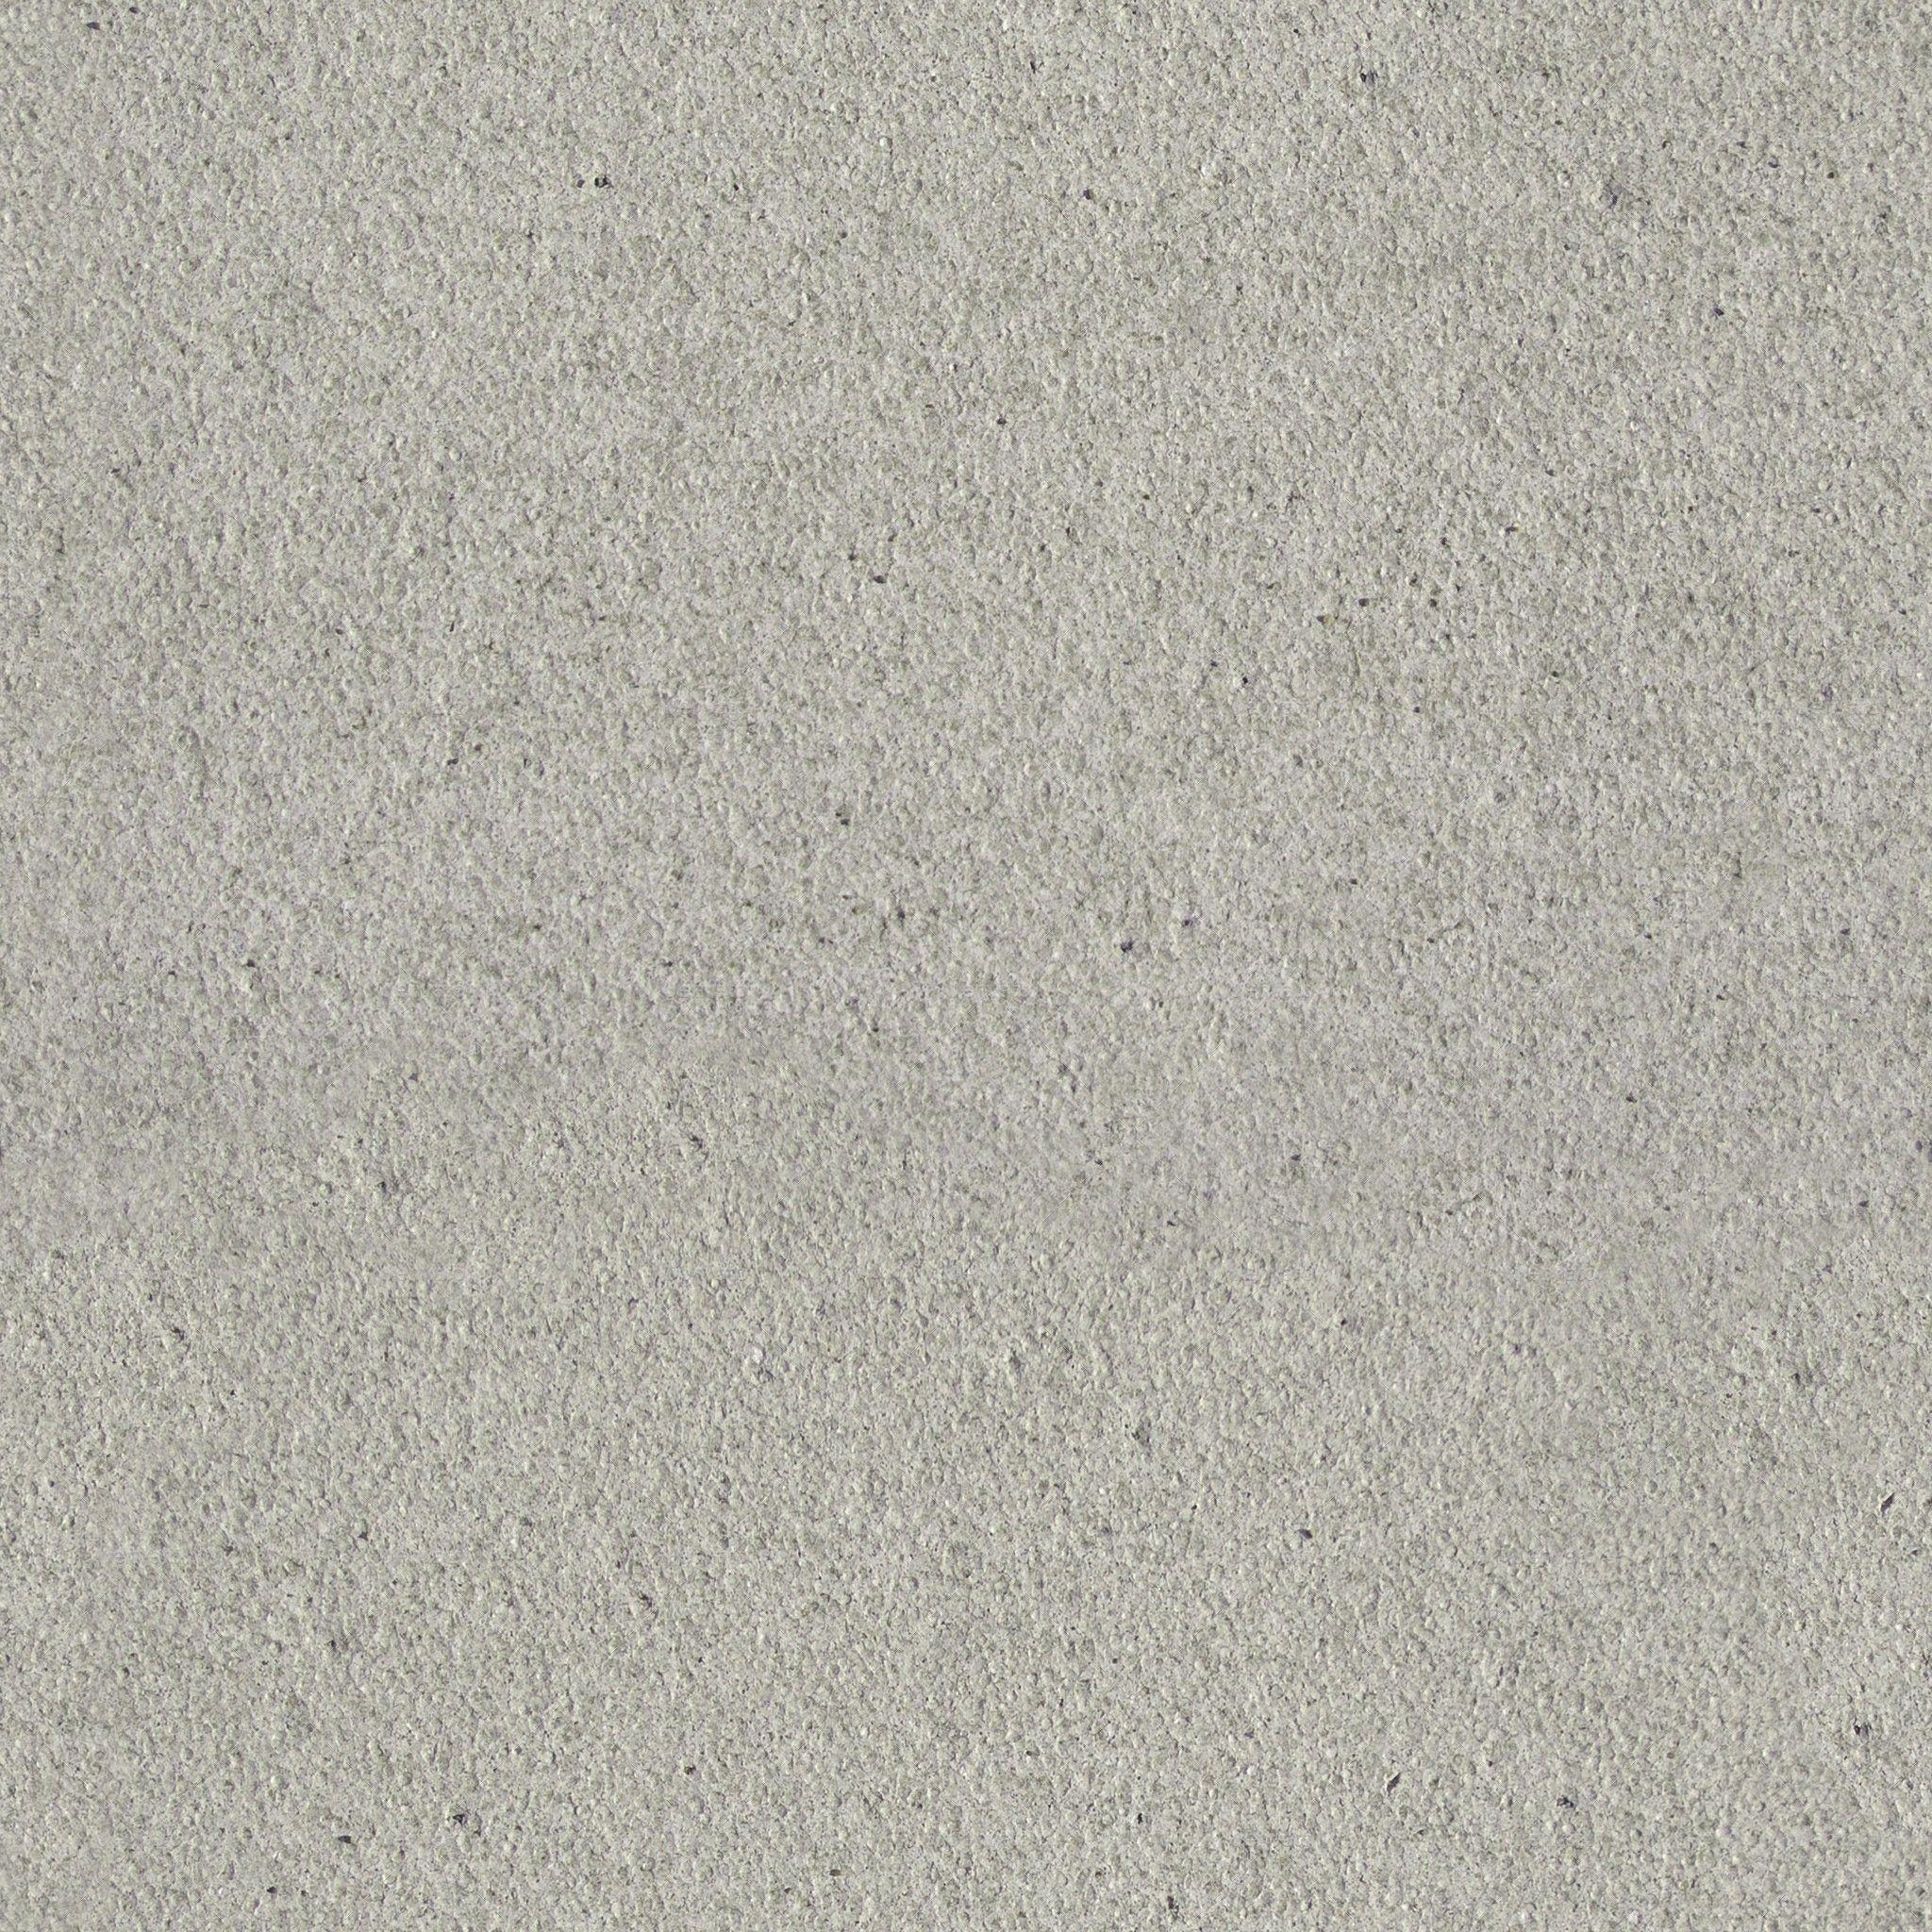 Concrete Seamless Texture Set Volume 1 #Seamless, #Concrete ...